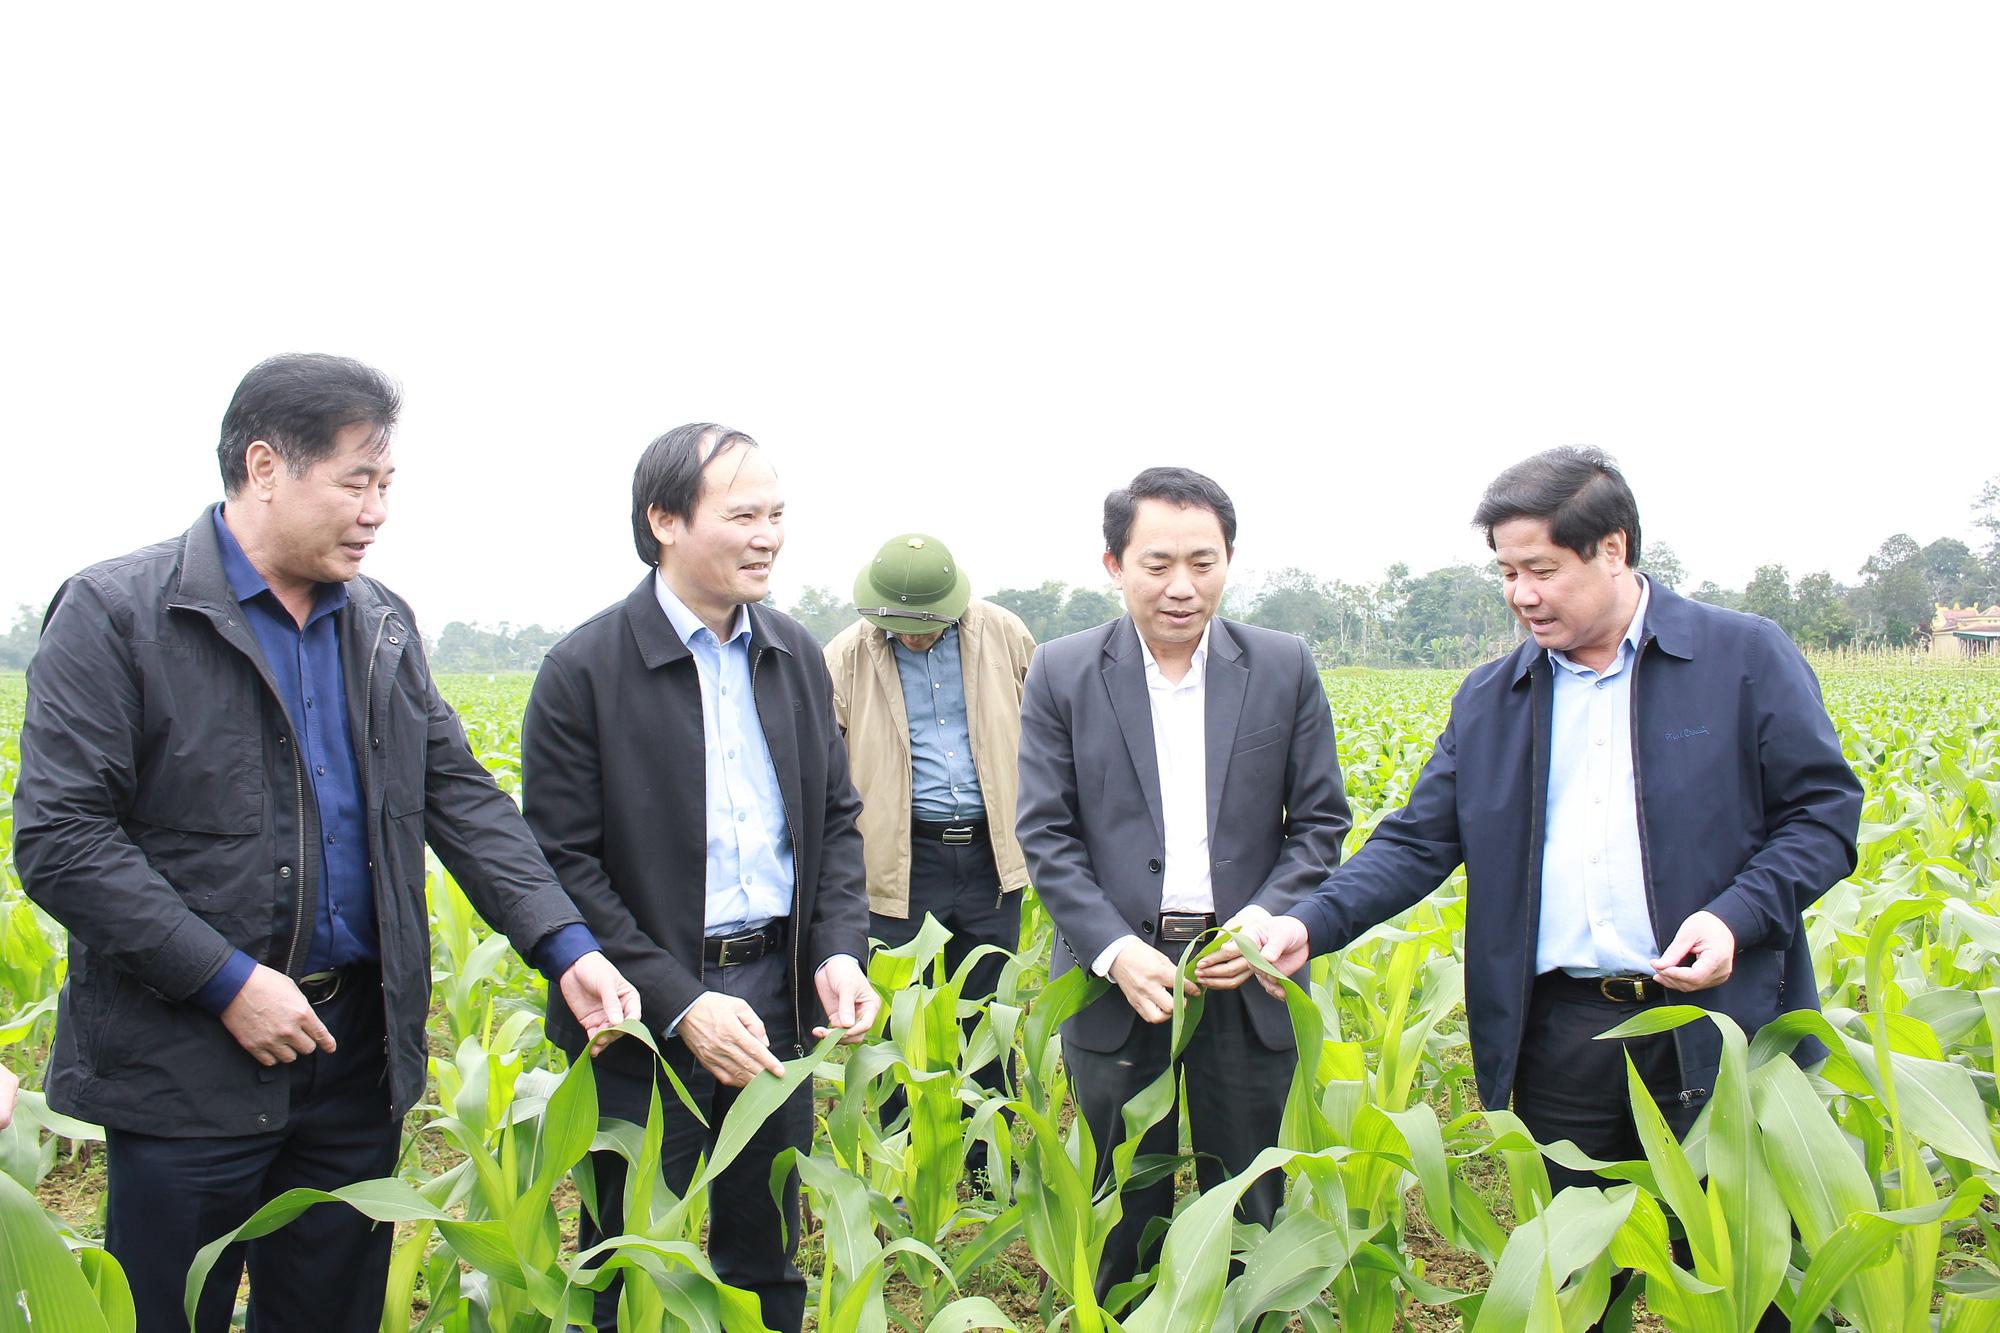 Tập trung khắc phục khó khăn, khôi phục sản xuất nông nghiệp sau thiên tai tại Hà Tĩnh và Quảng Bình - Ảnh 1.